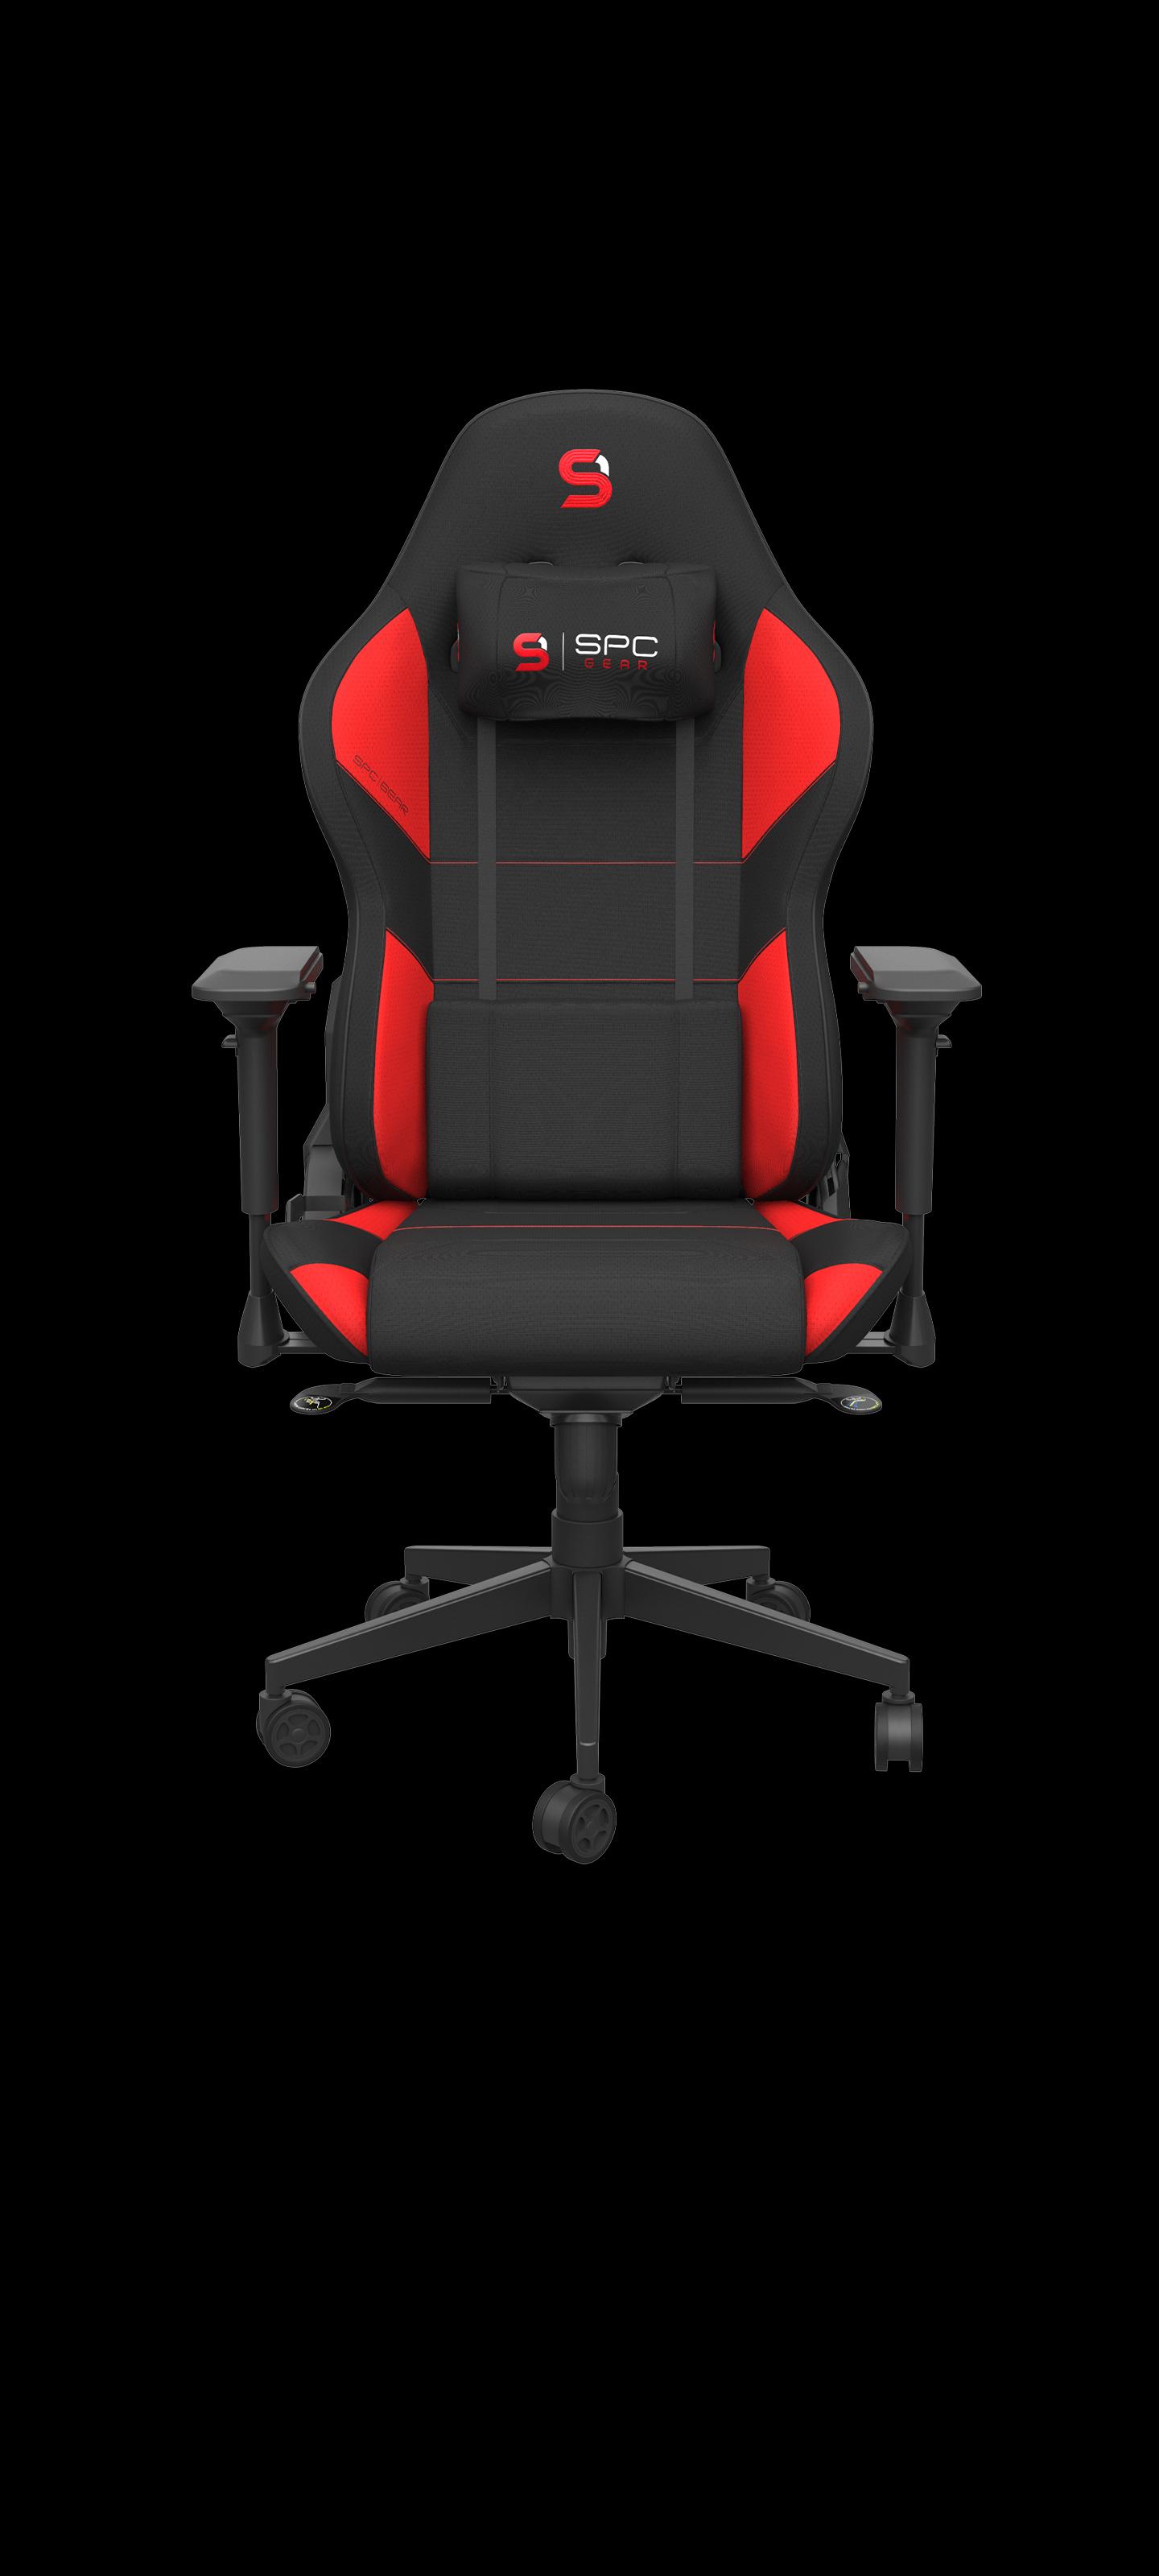 Fotele SPC Gear SR600 oraz SR600F